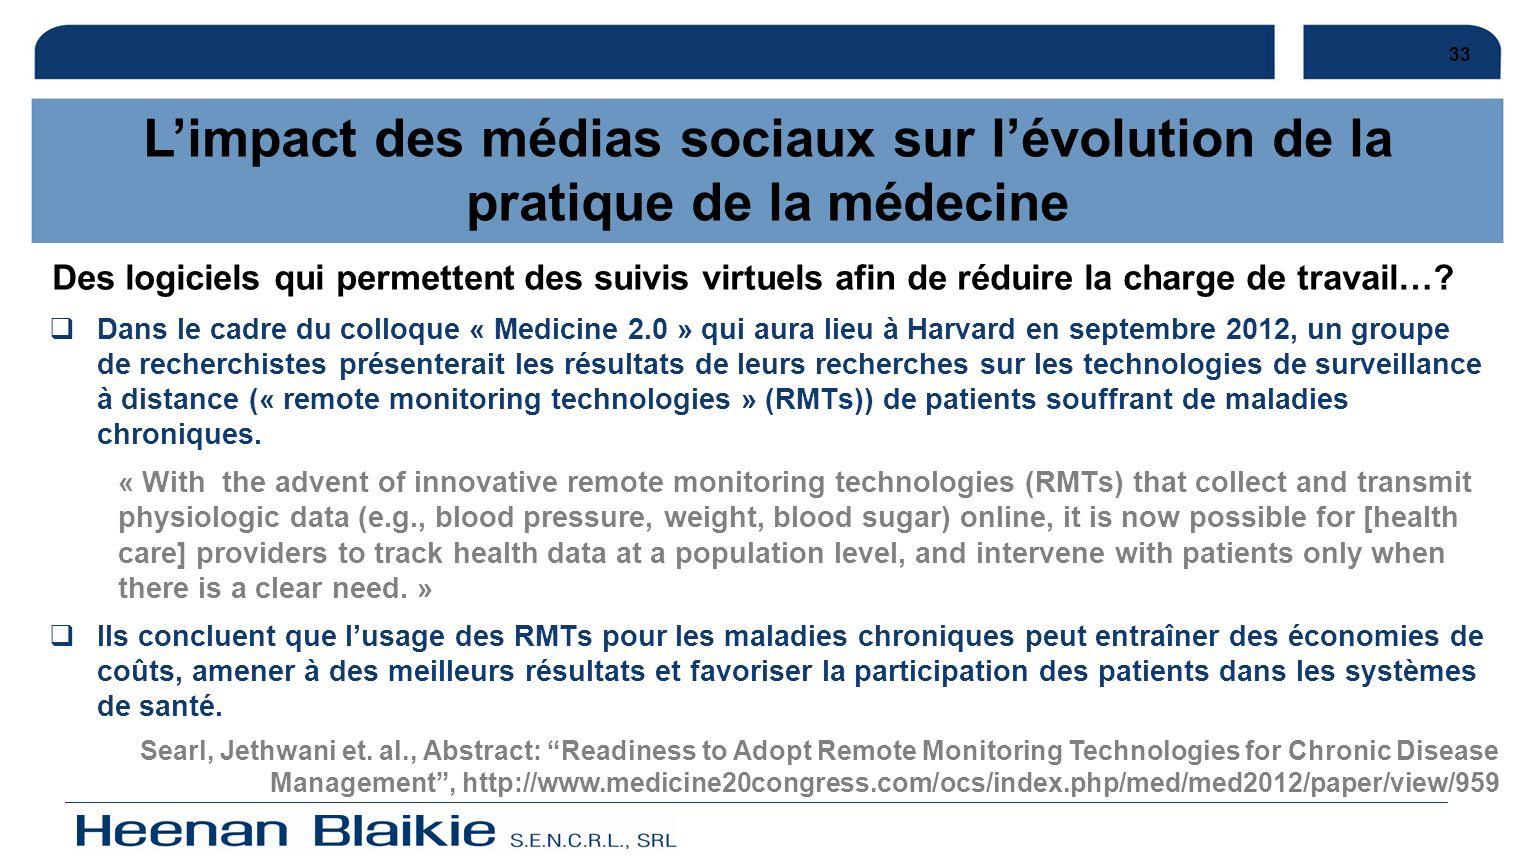 33 Dans le cadre du colloque « Medicine 2.0 » qui aura lieu à Harvard en septembre 2012, un groupe de recherchistes présenterait les résultats de leur